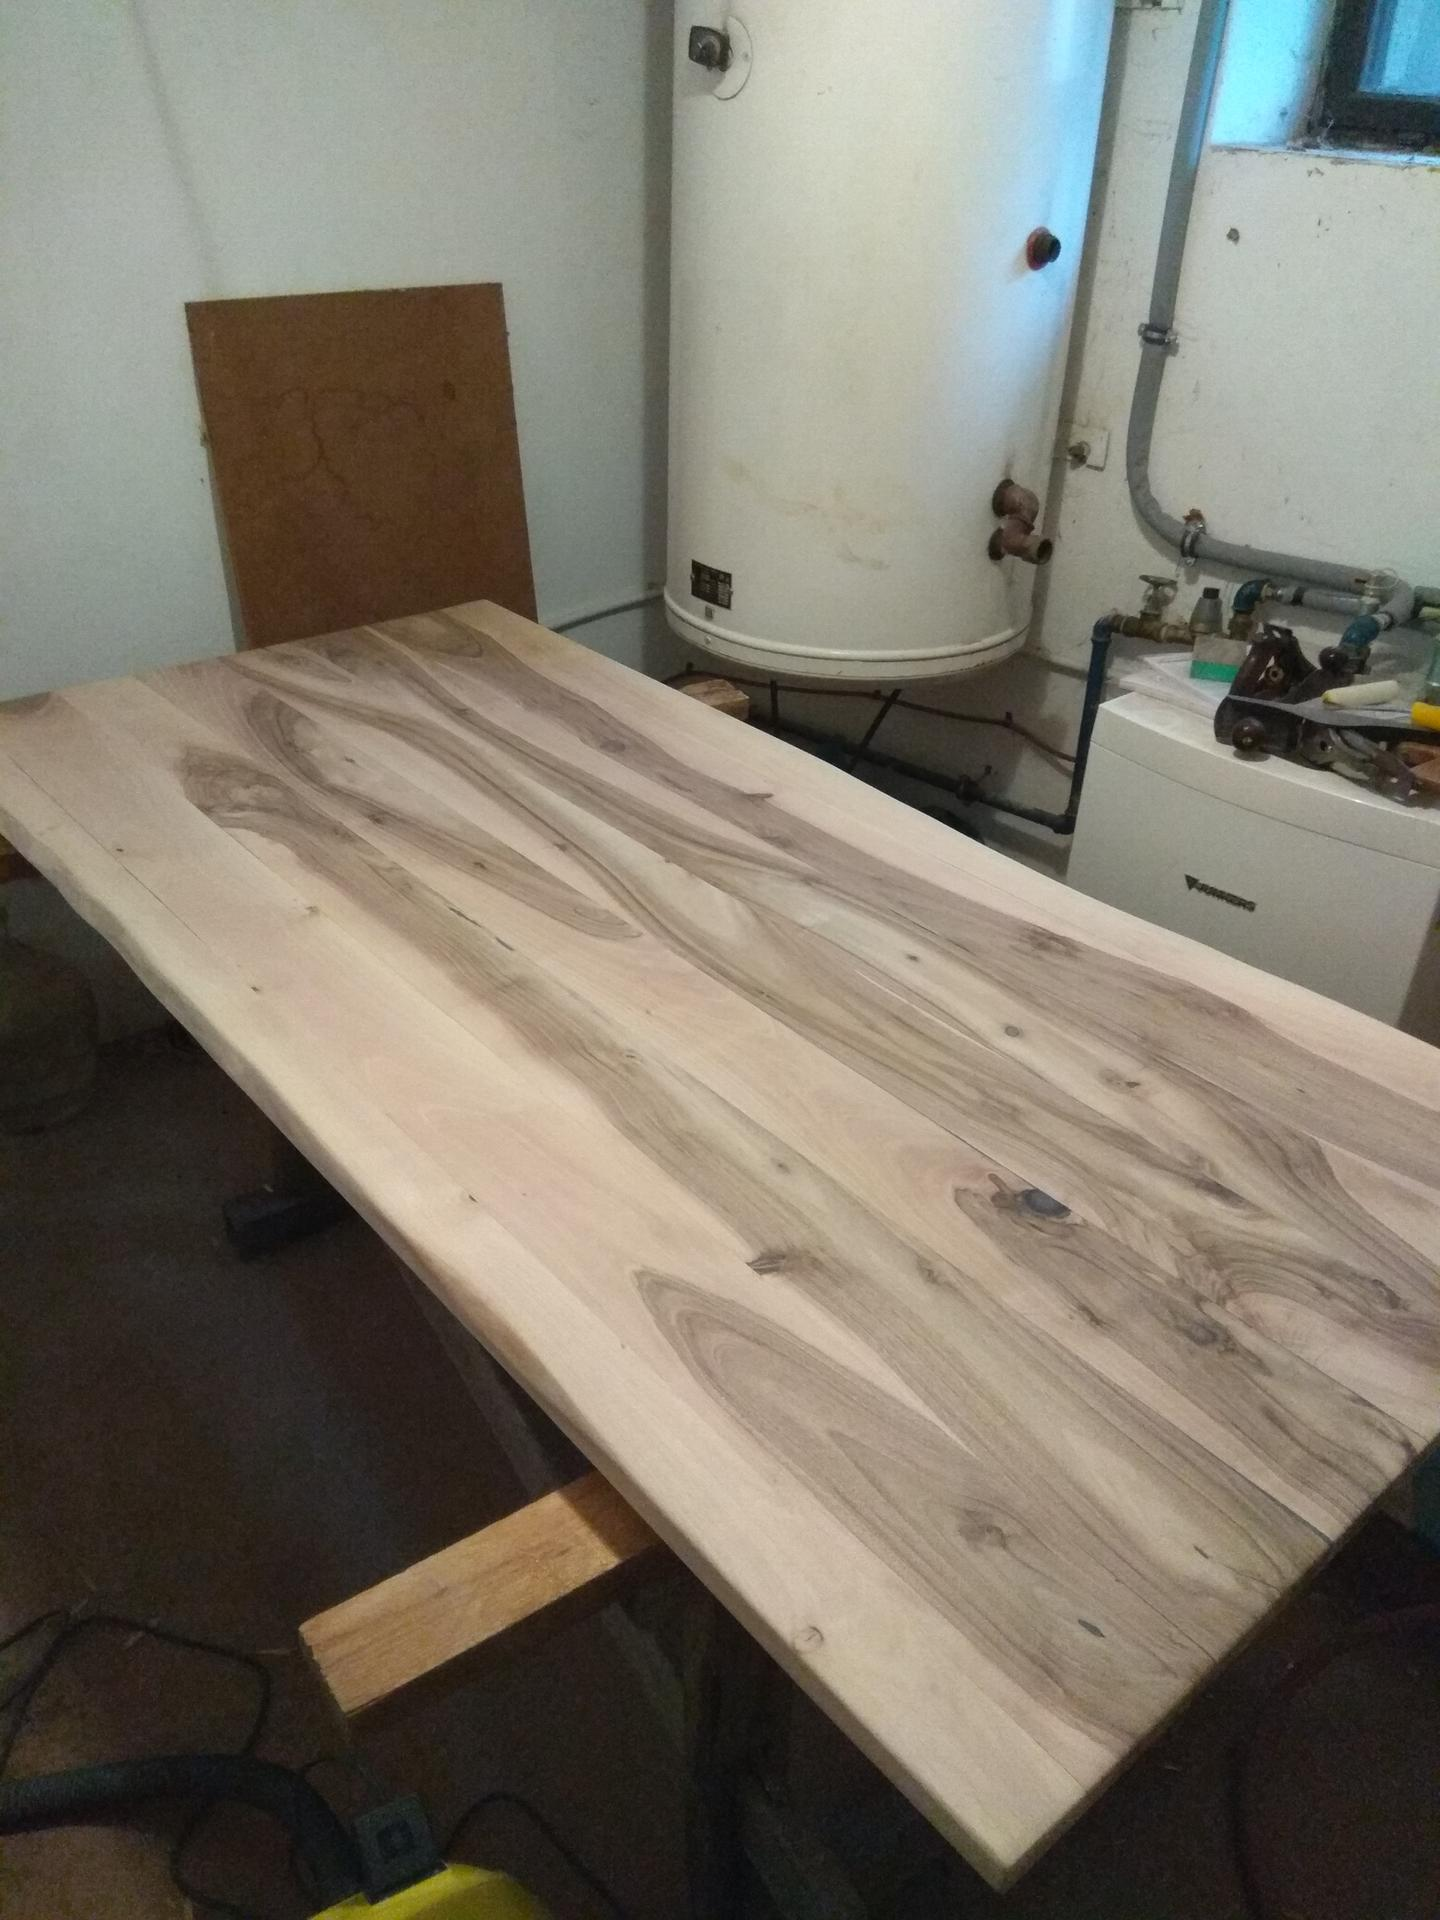 Orechový stôl - prirodna farba orecha, mojho teda